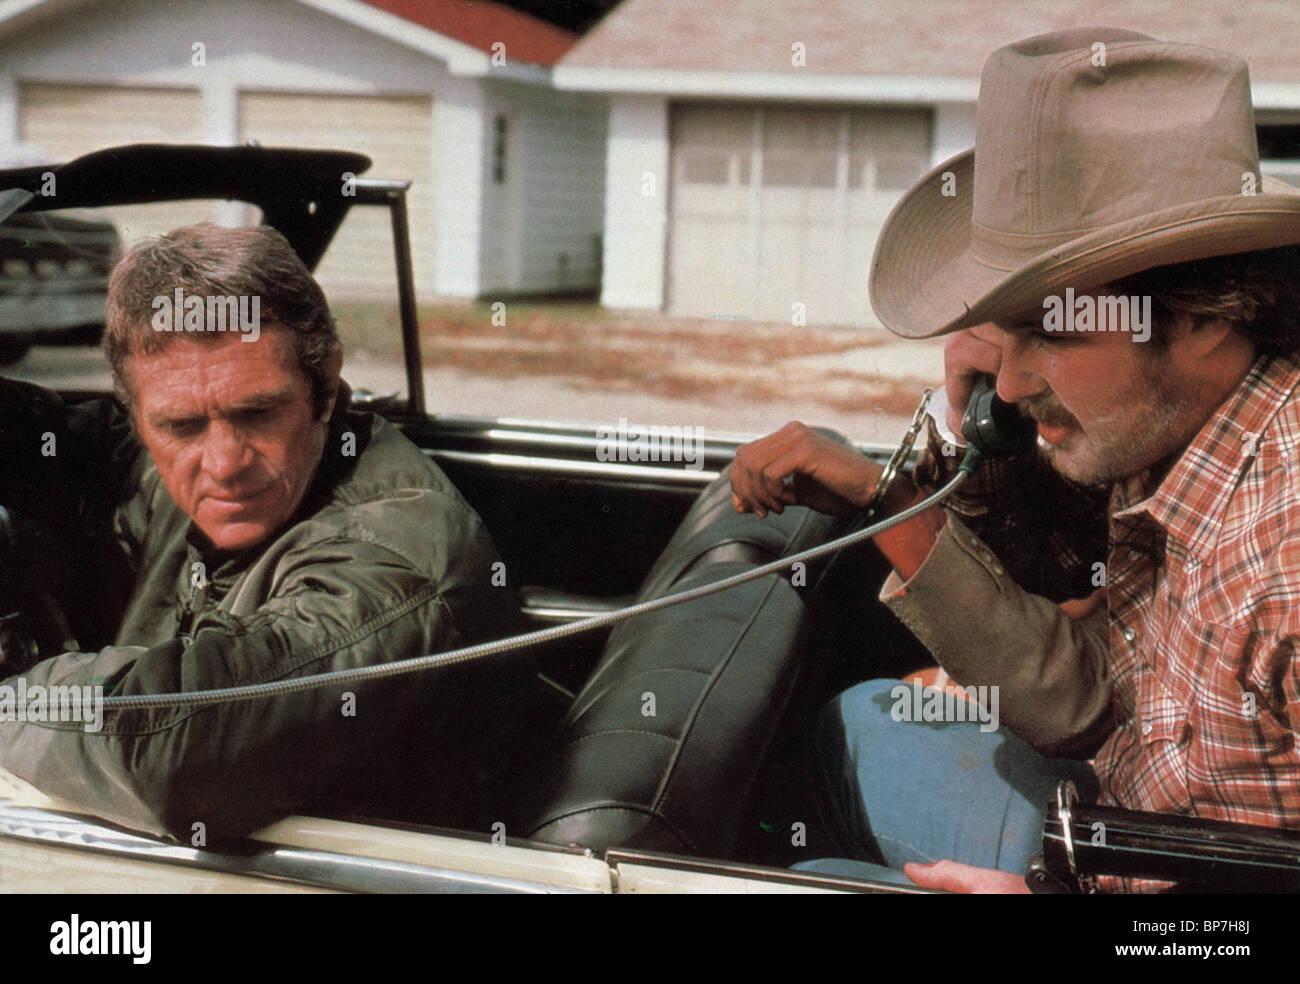 STEVE MCQUEEN & BEN JOHNSON THE HUNTER (1980) - Stock Image